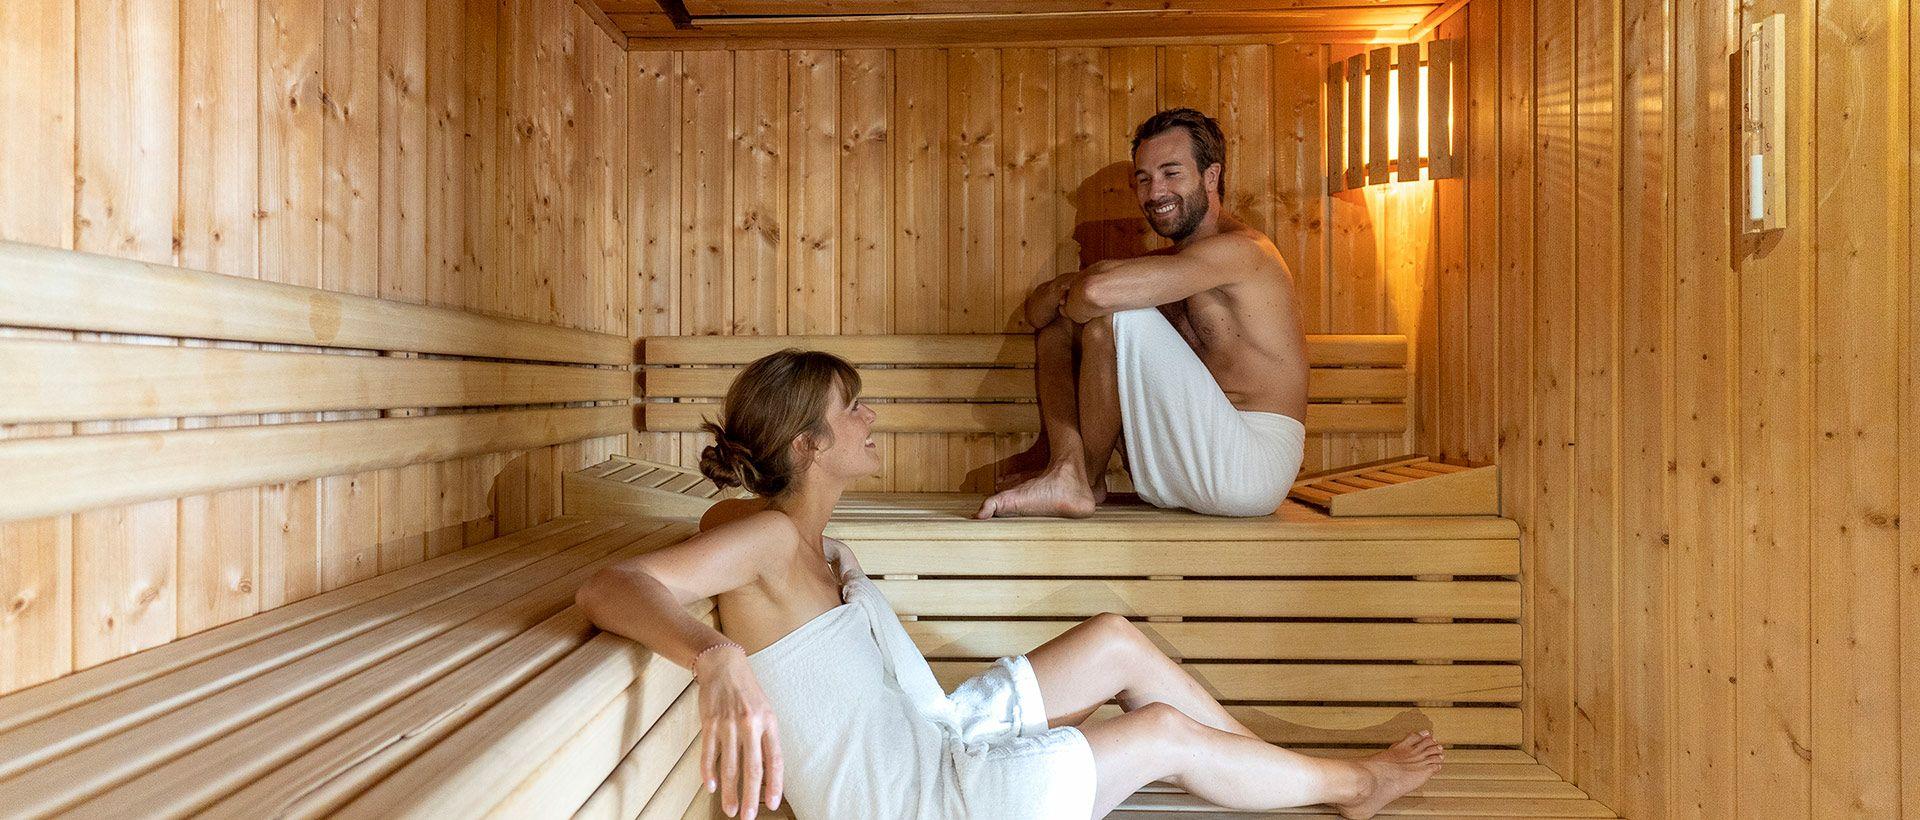 Camping mit Wellnessbereich